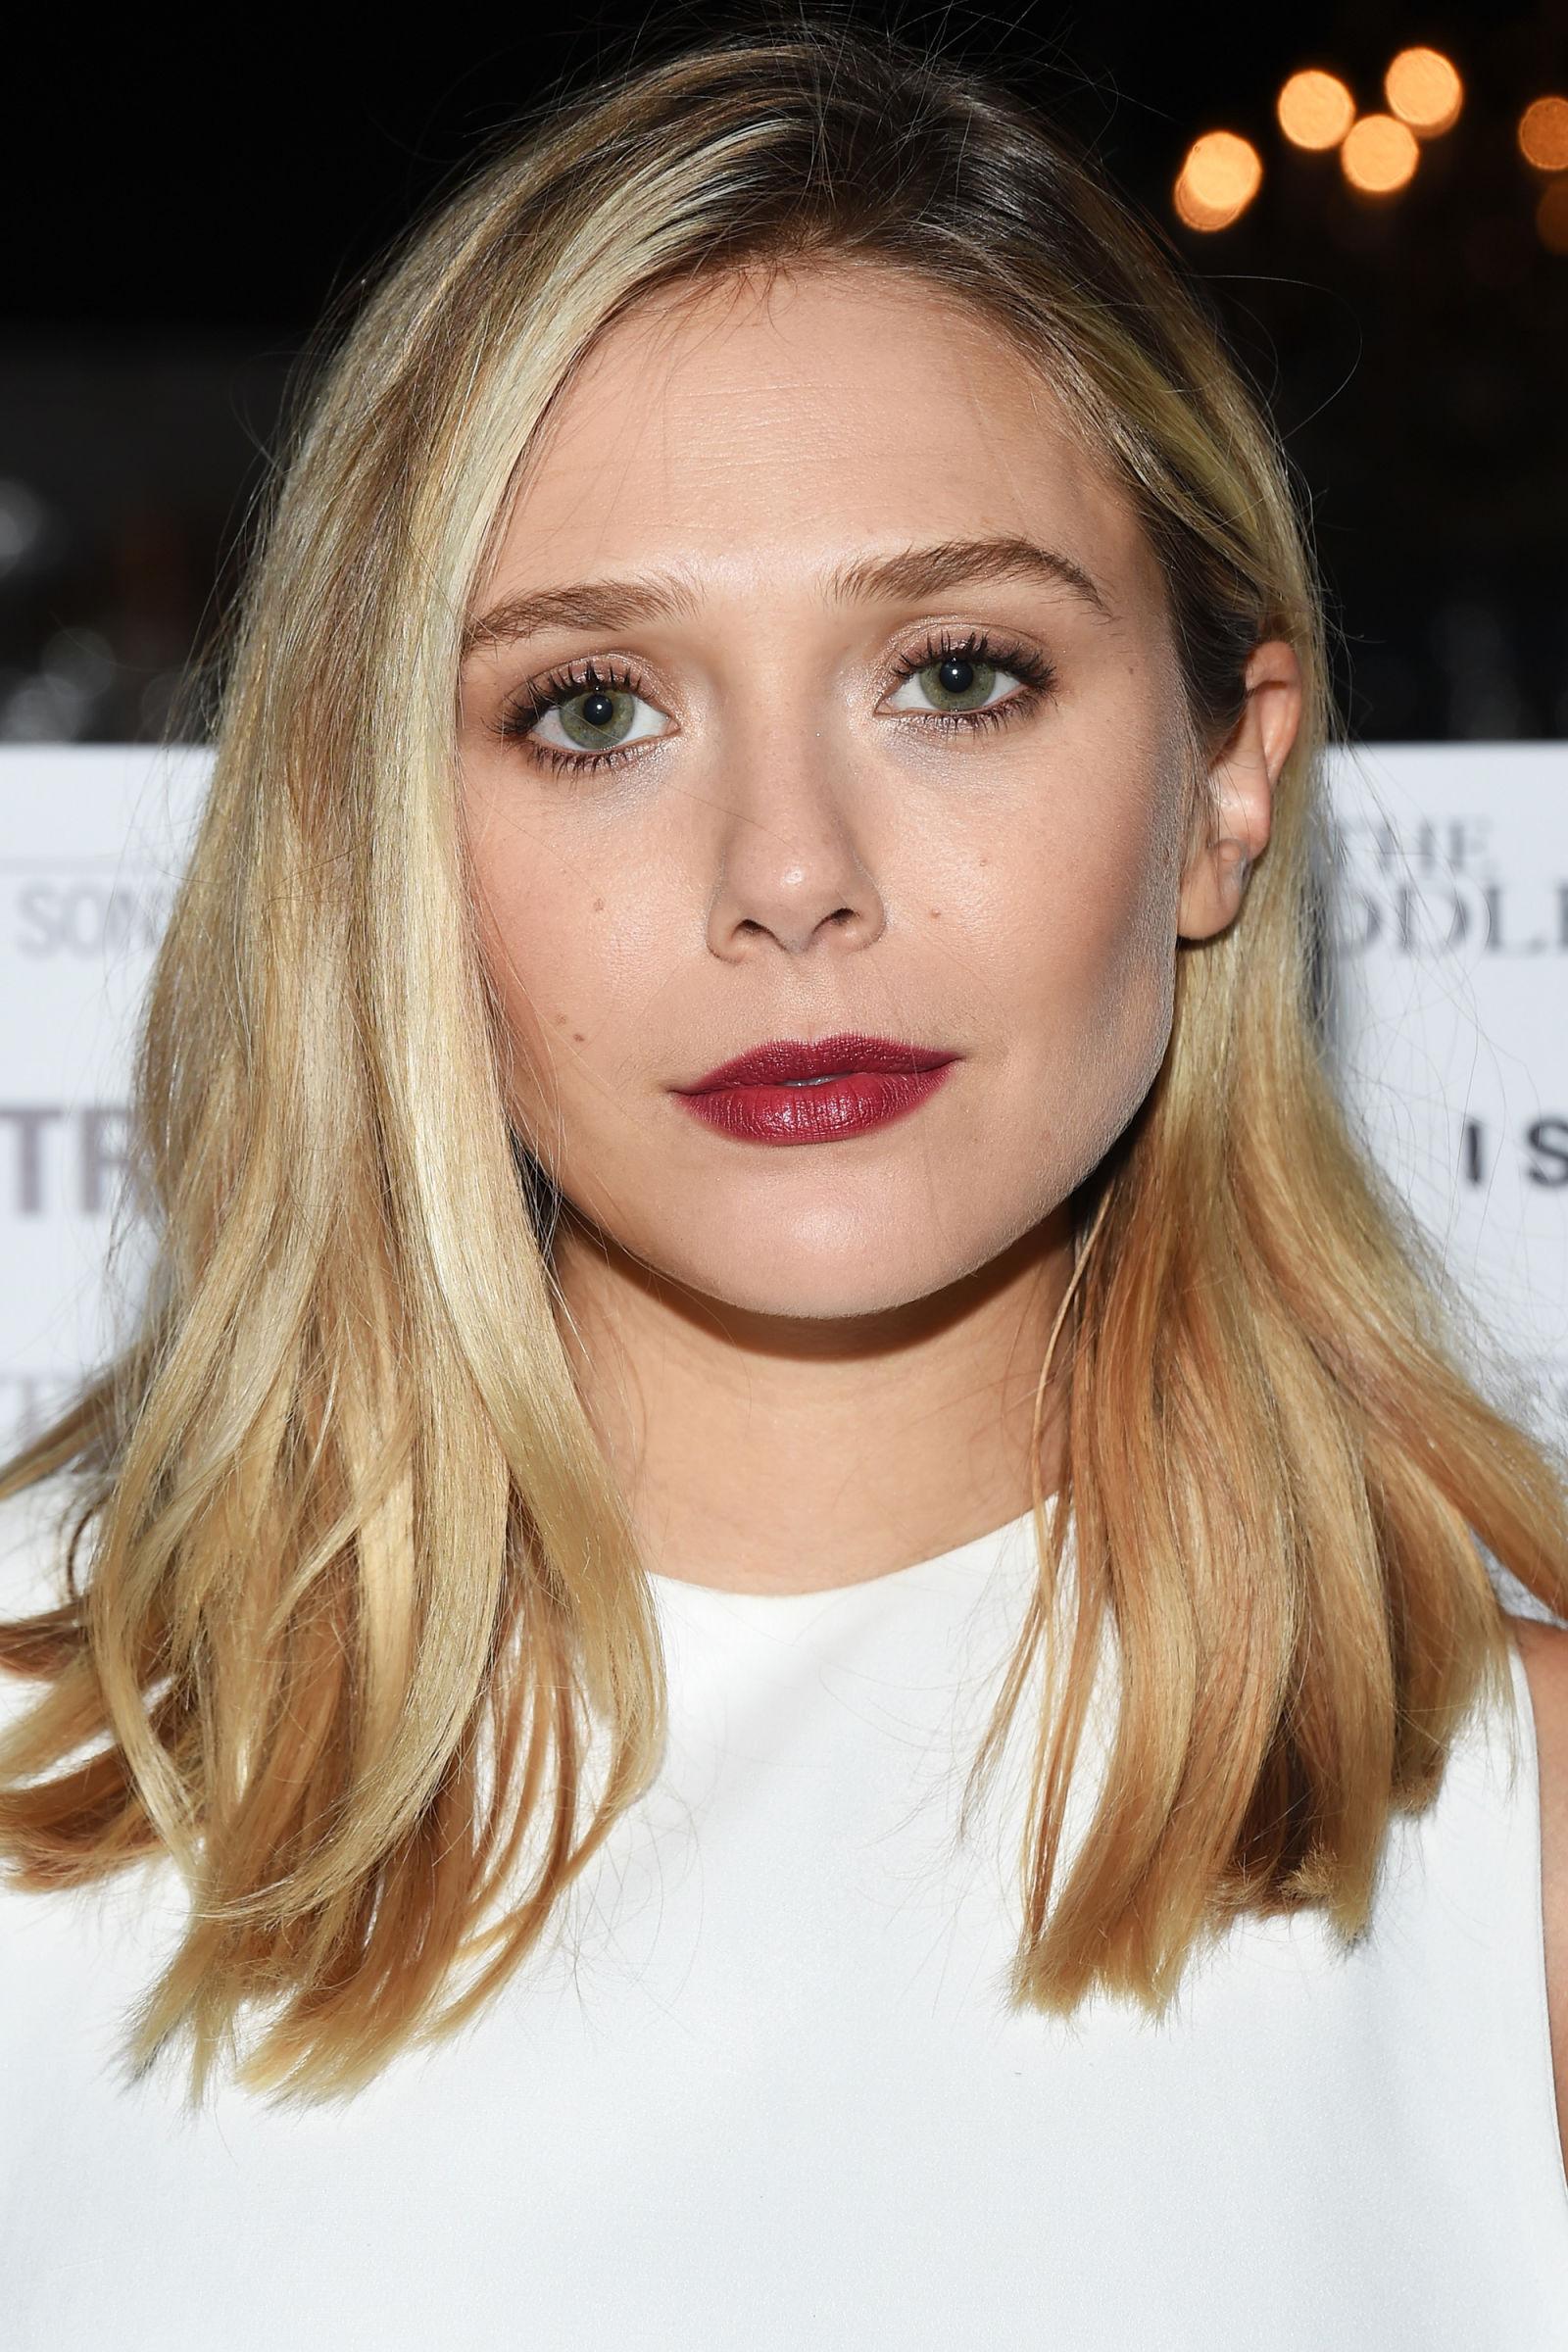 Elizabeth Olsen Winter Hair Colors 2016